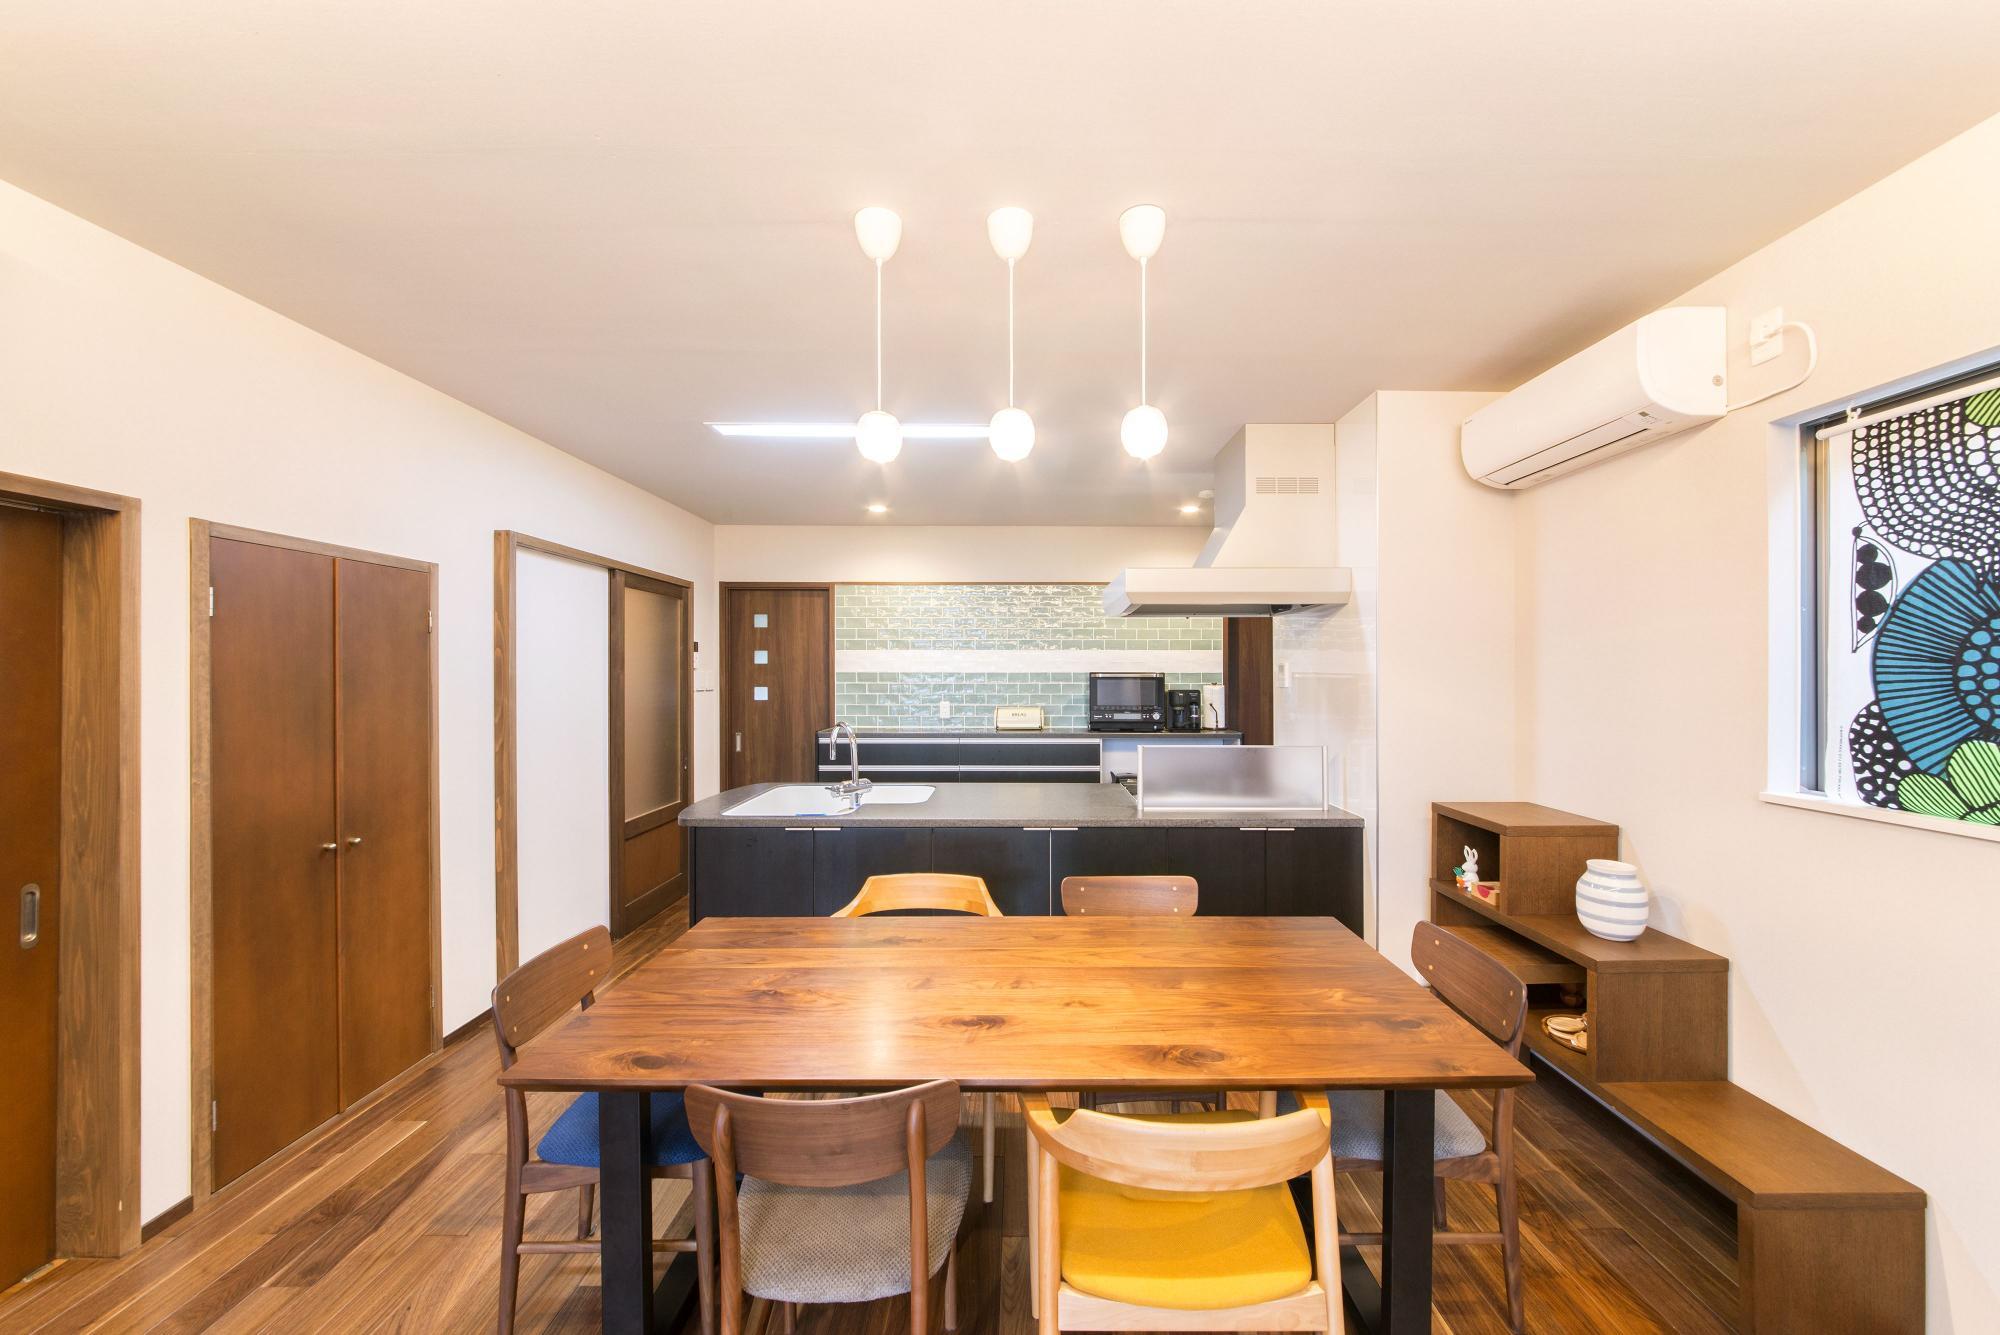 キッチンとひと続きになったダイニングはキッチンのカウンターをオープンスタイルの対面式にしたことで、以前よりすっきりとした空間に。ペンダントライトを取り付け、ウォルナットのフロアには床暖房を設置した。